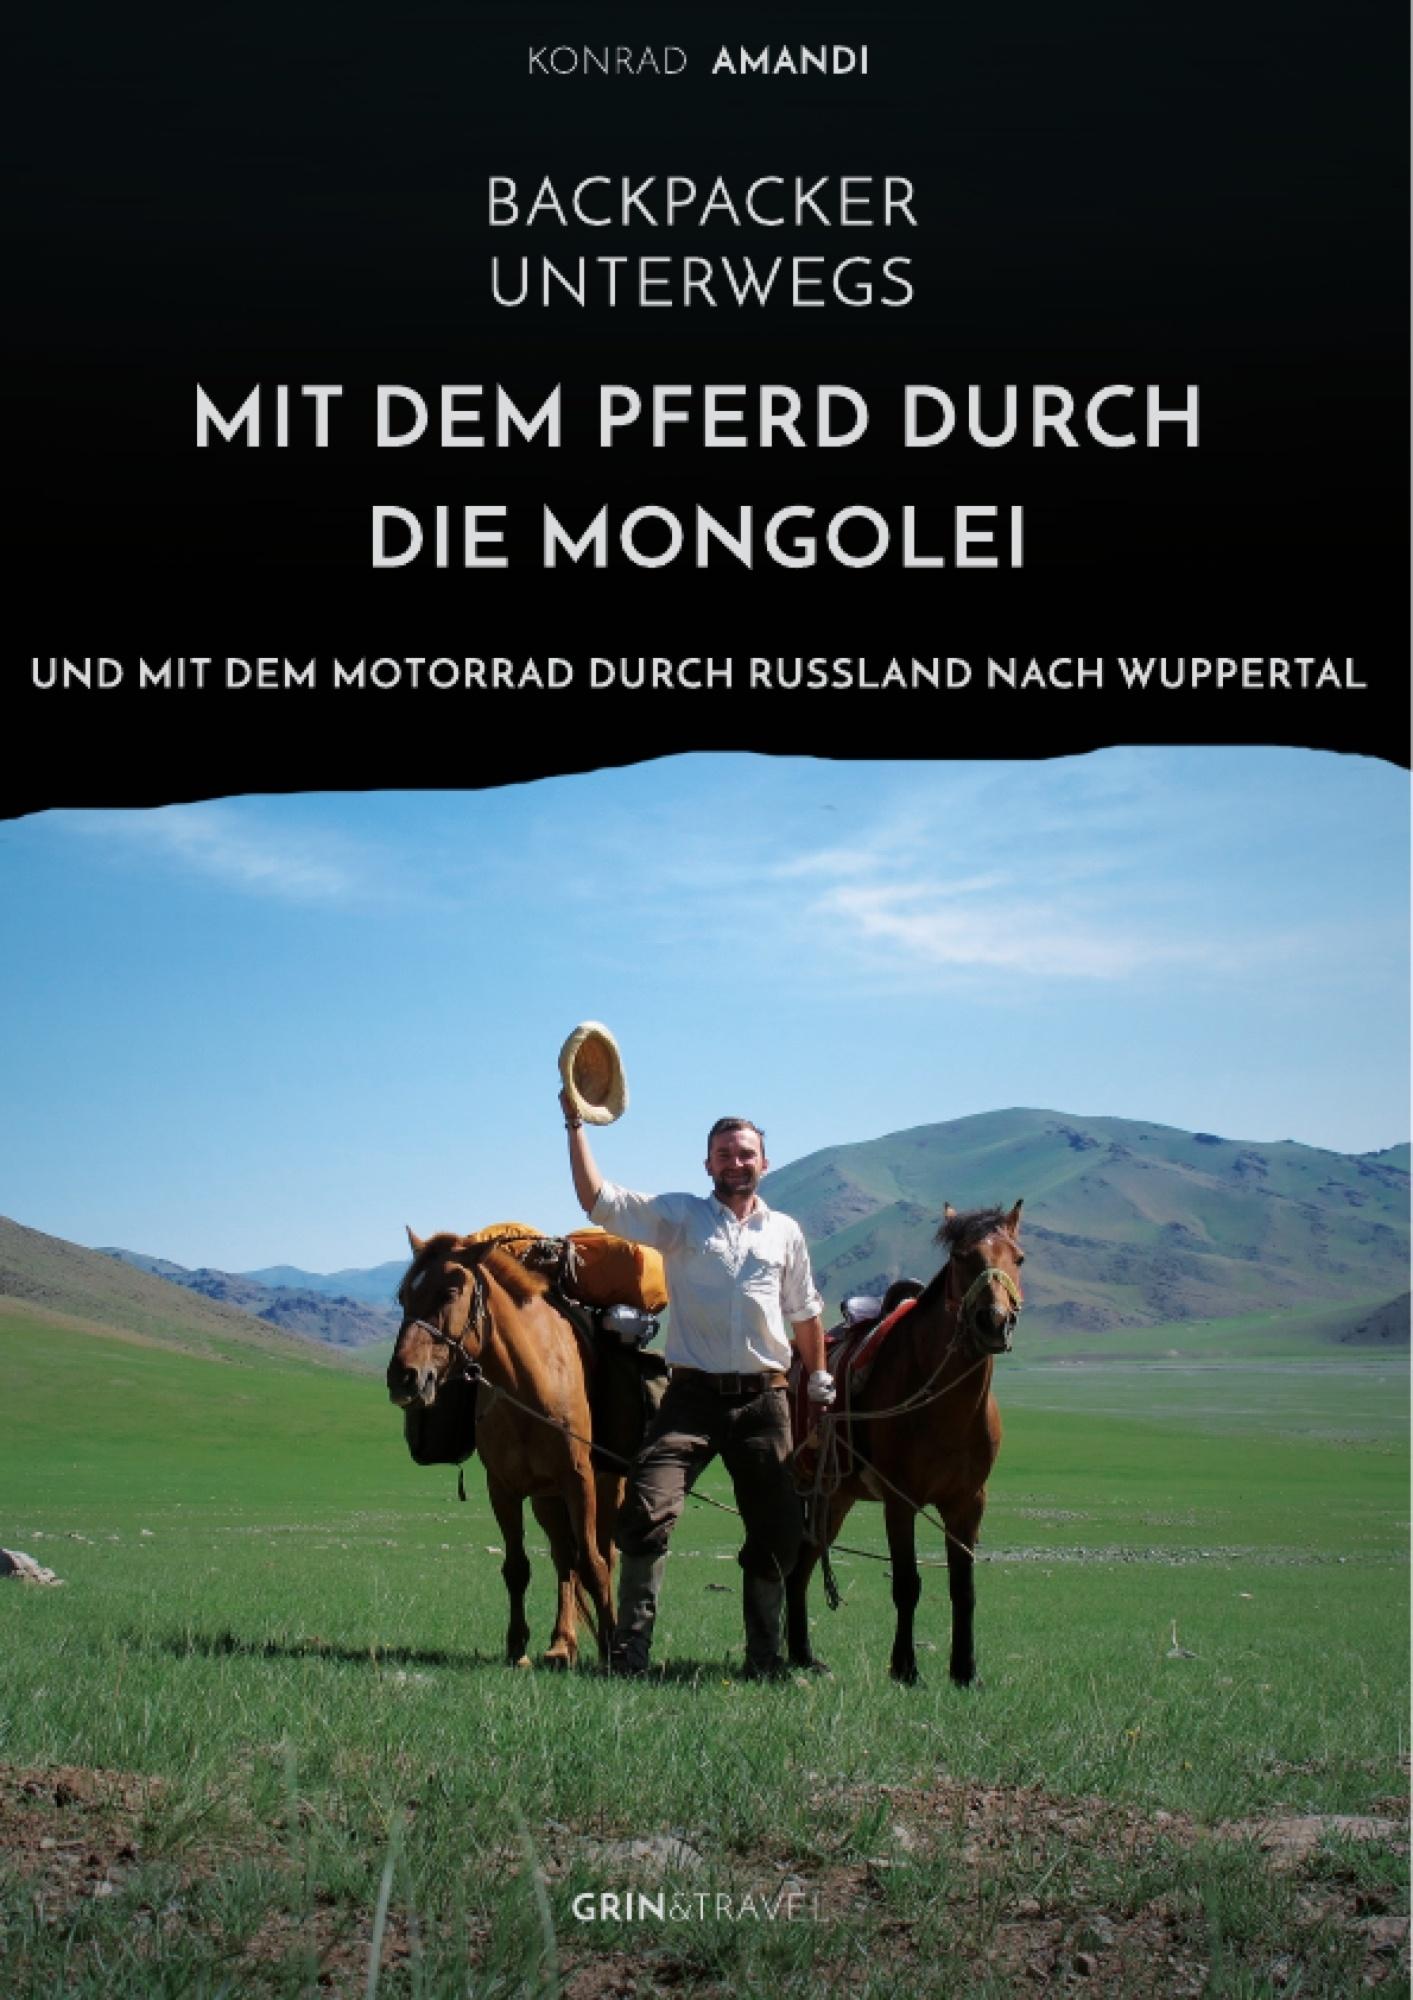 Titel: Backpacker unterwegs: Mit dem Pferd durch die Mongolei und mit dem Motorrad durch Russland nach Wuppertal